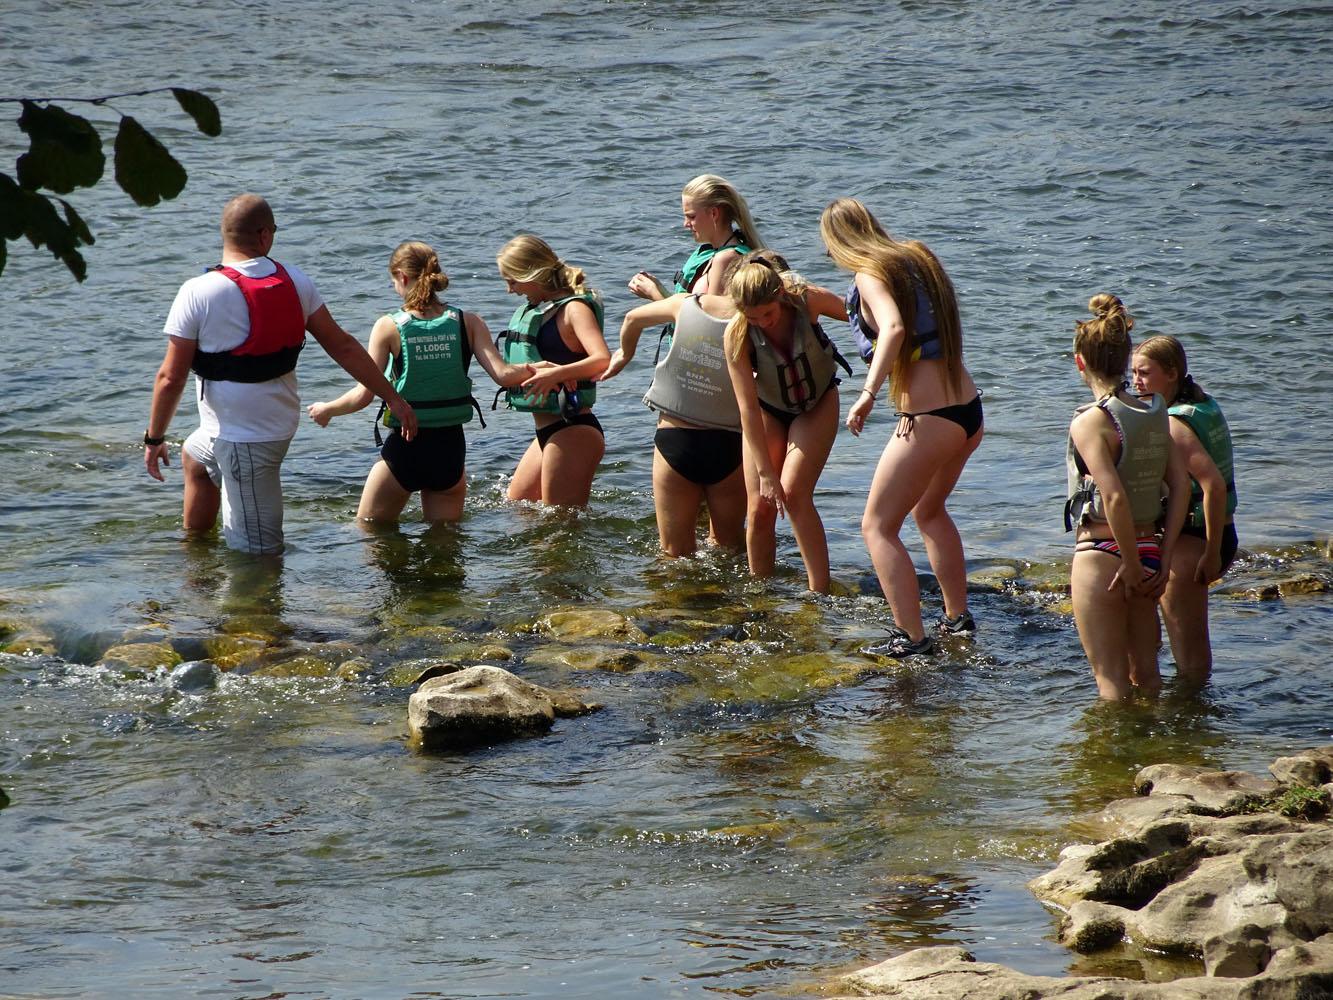 Eine dänische Schülergruppe sorgte für belebende Momente auf dem Campingplatz.